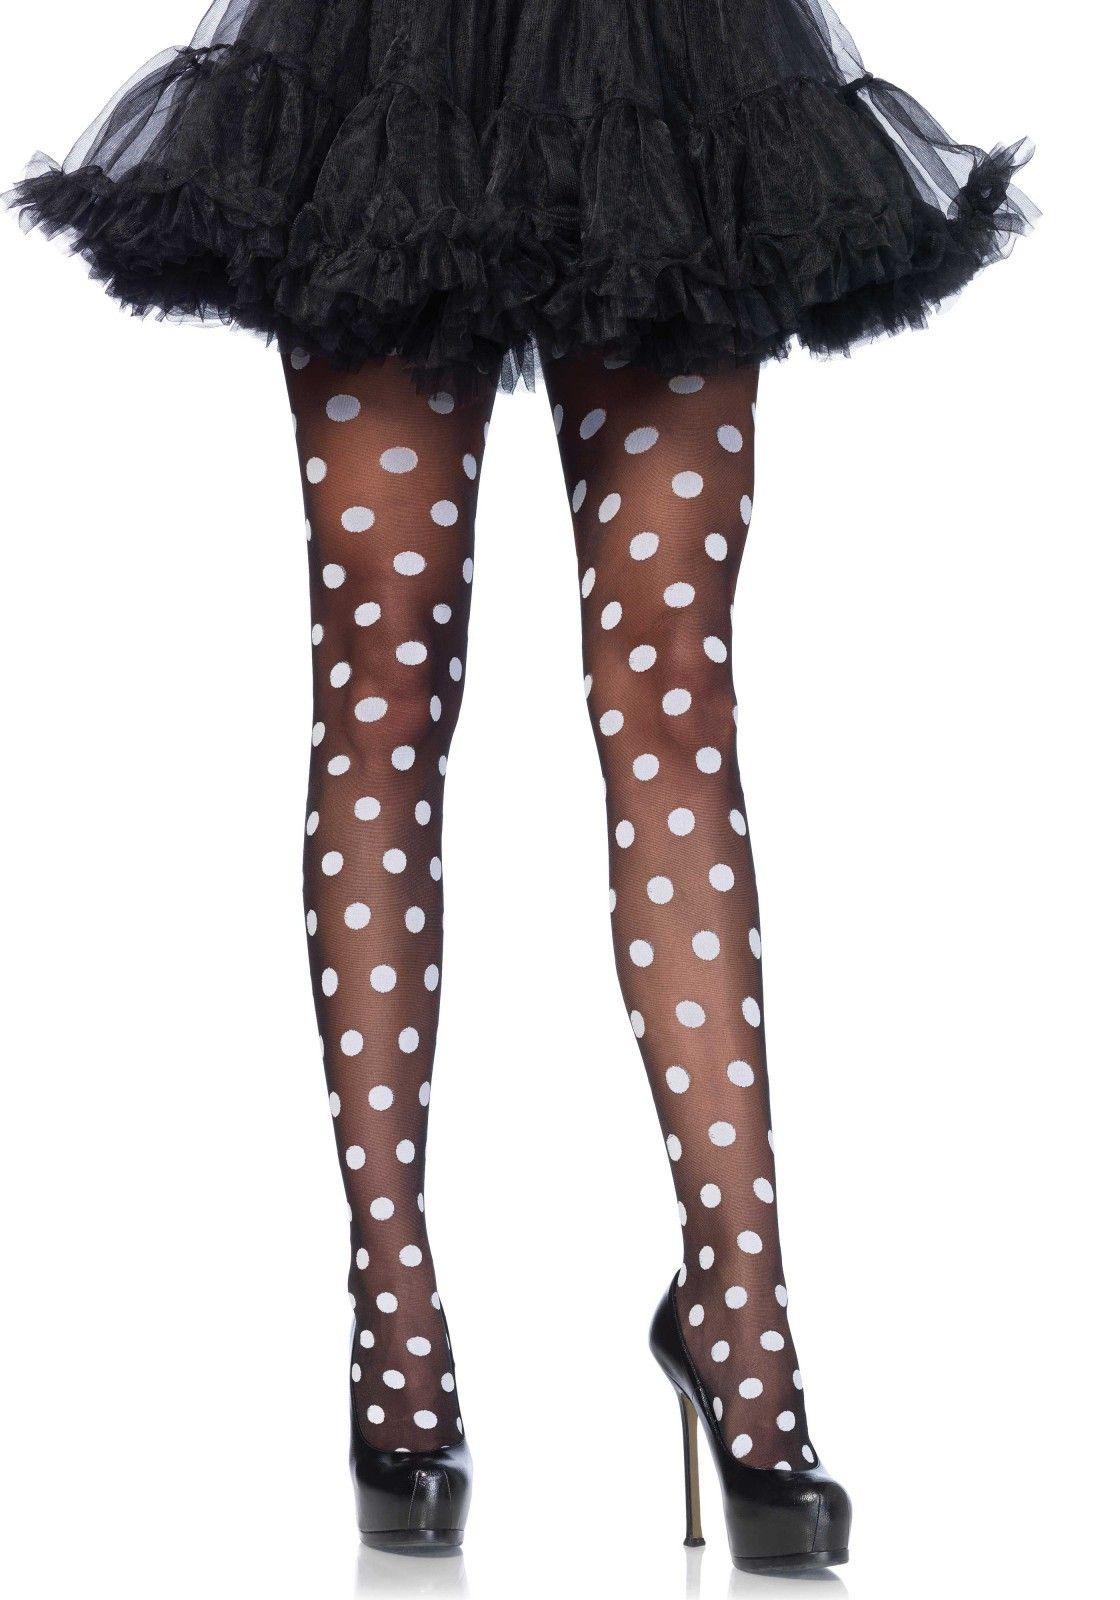 1a99288f89e5a Sexy legs zijn een must voor het festival seizoen, deze polkadot panty is  daar perfect voor! | PW Hoofs #stockings #party #festival